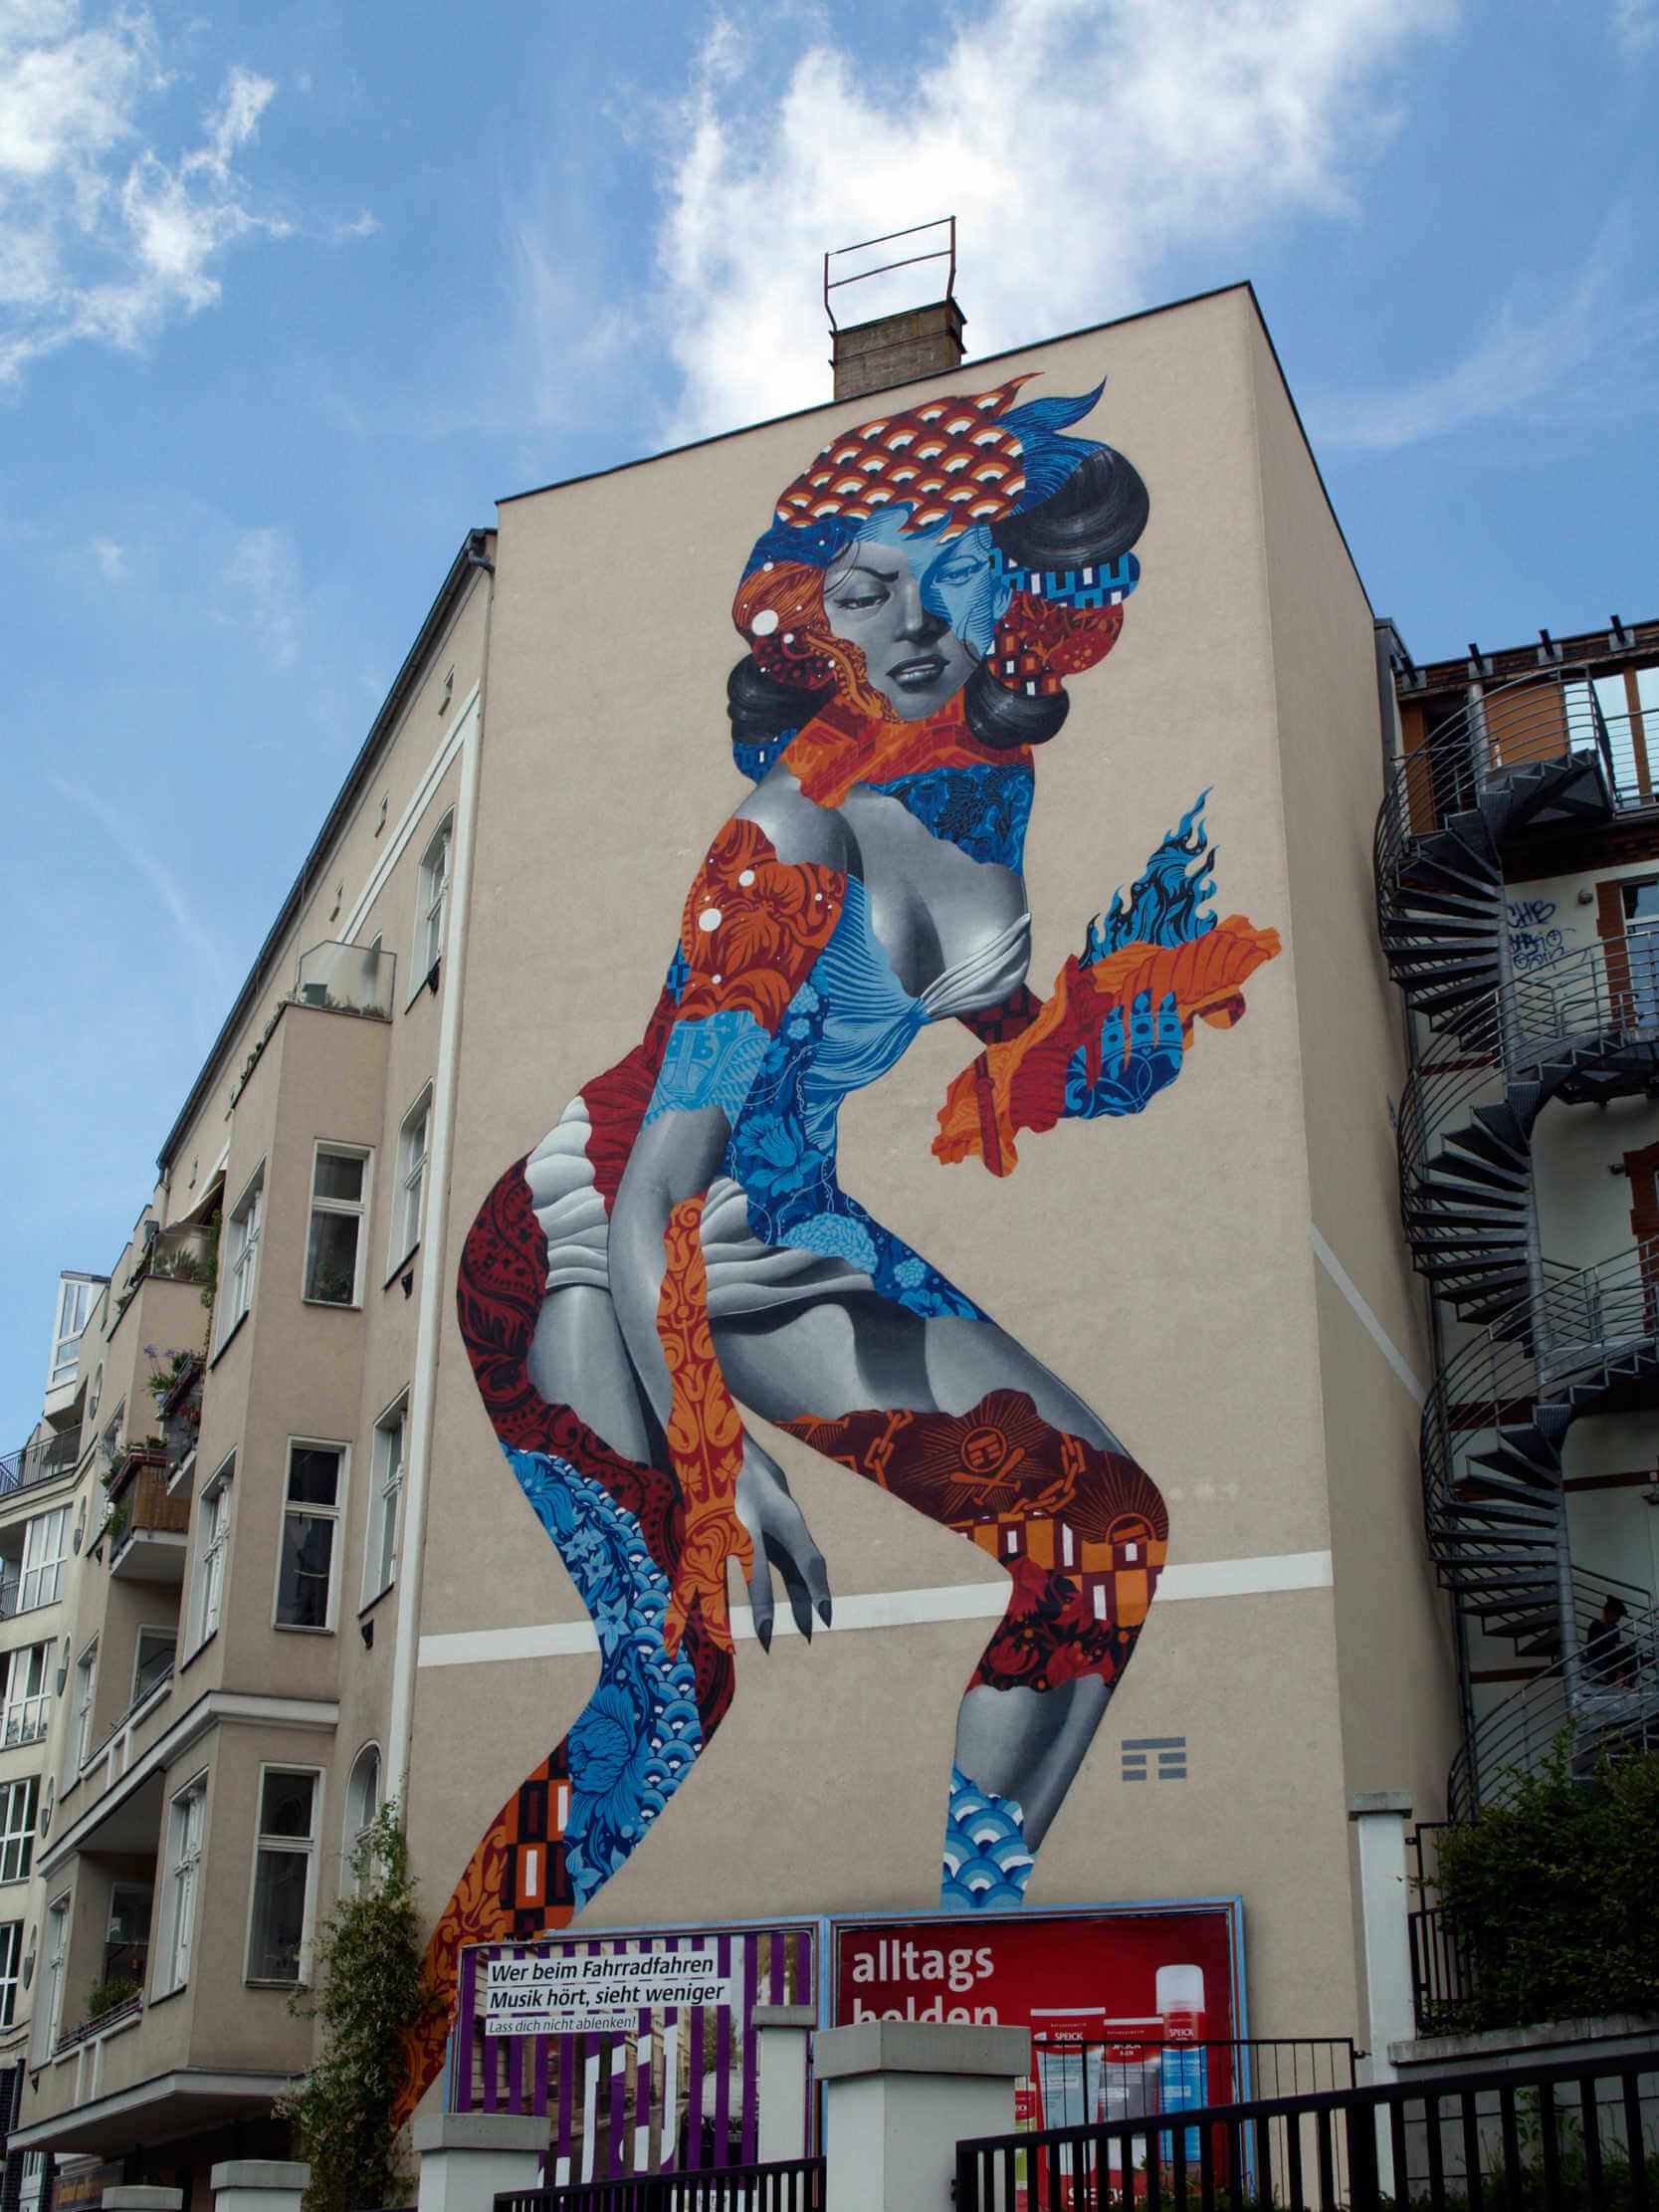 mural gigante de tristan eaton de la pelicula la mujer de los 50000 pies